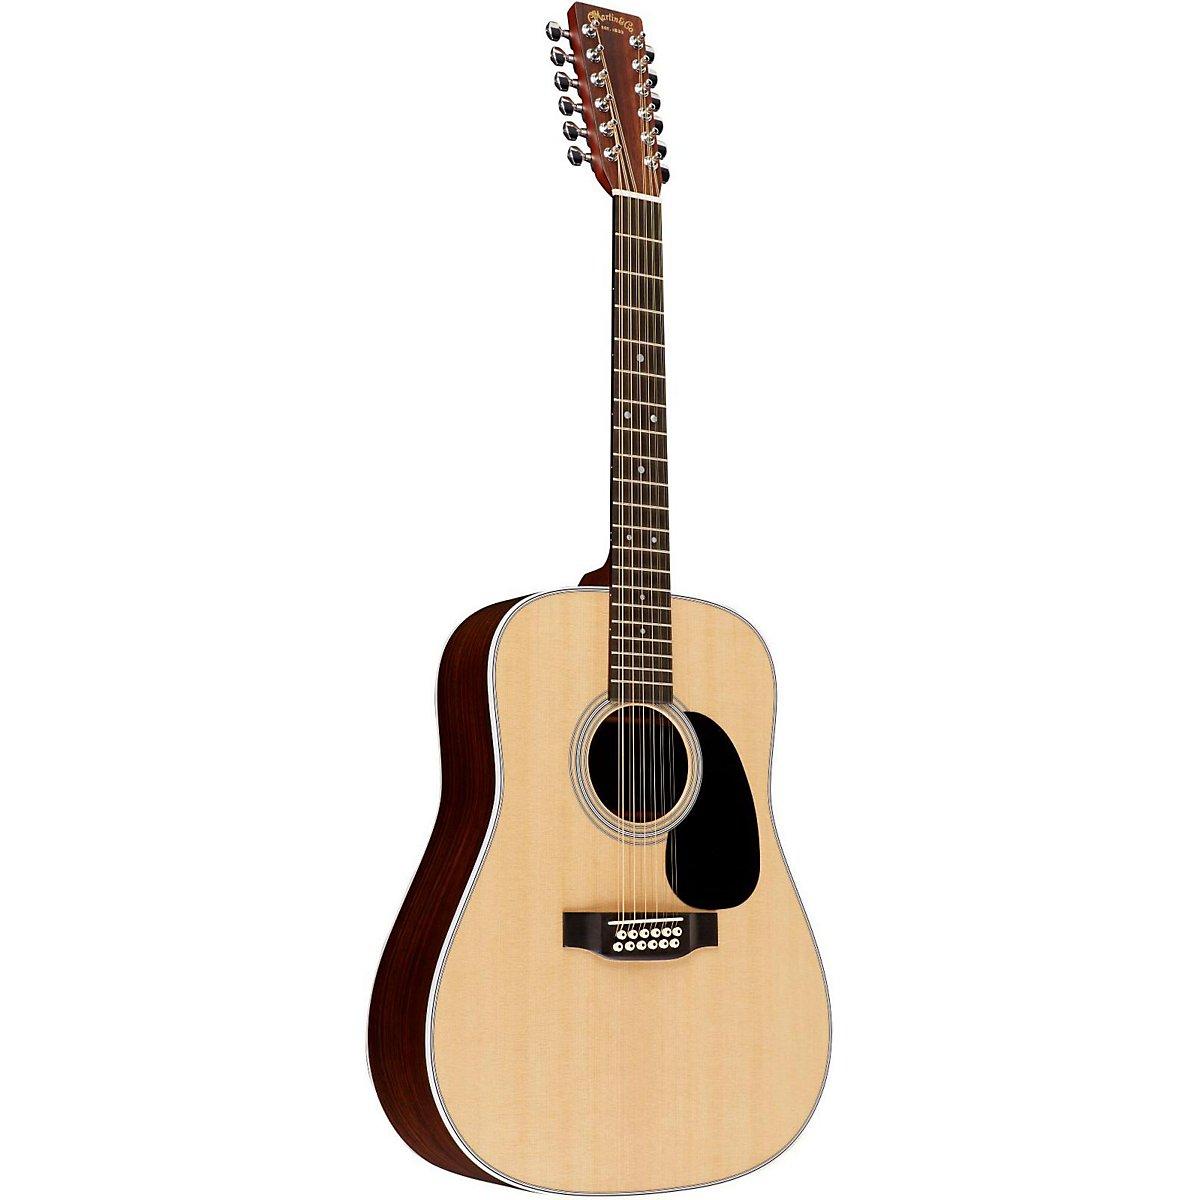 best 12 string guitar 2017 guitars report. Black Bedroom Furniture Sets. Home Design Ideas